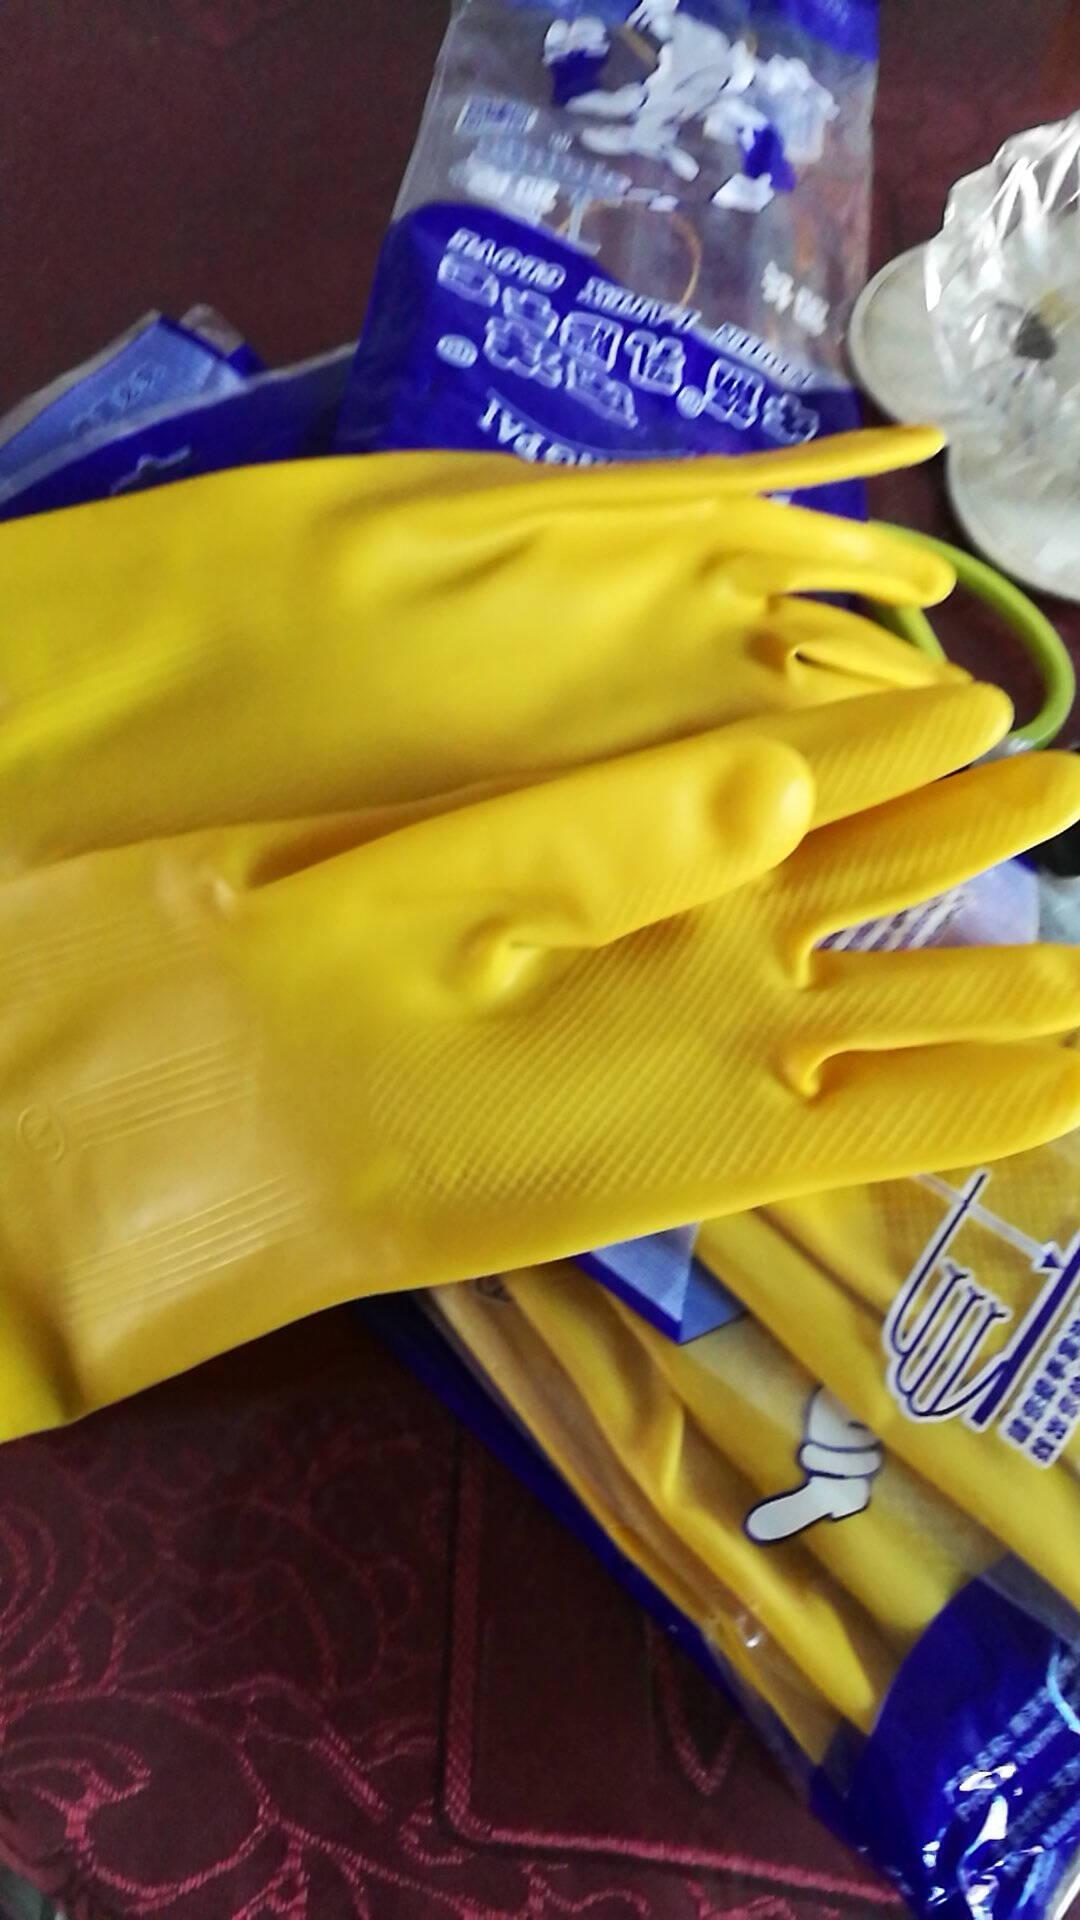 10双包装南洋乳胶手套加厚耐酸碱橡胶手套天骄抗腐蚀家用手套洗碗手套工业牛筋手套南洋乳胶10双包装M(中号)